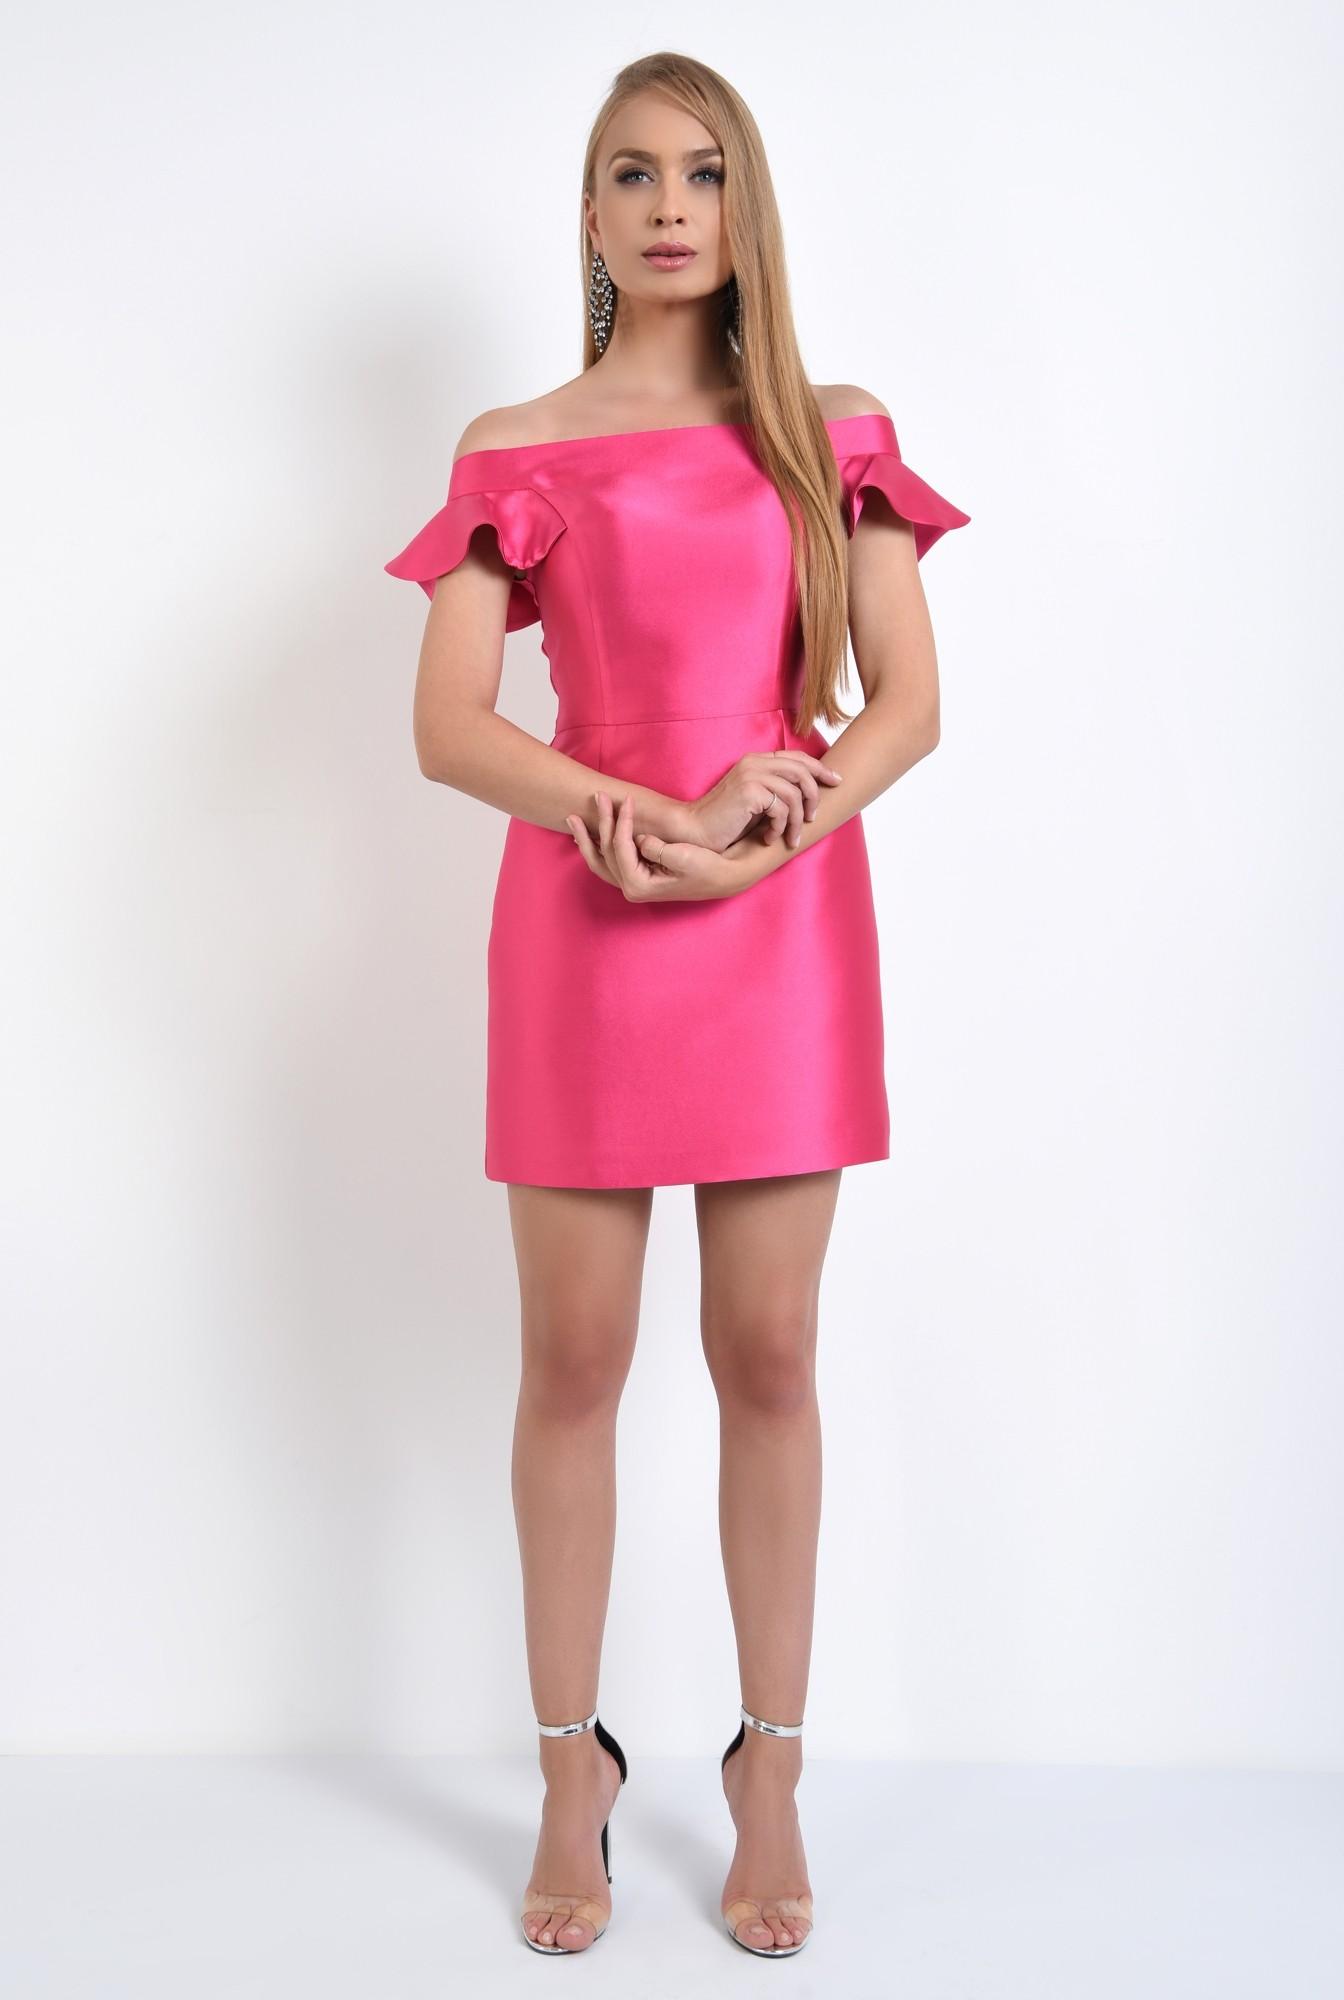 3 - rochie de seara, scurta, din tafta, roz, decoltata, cu umerii goi